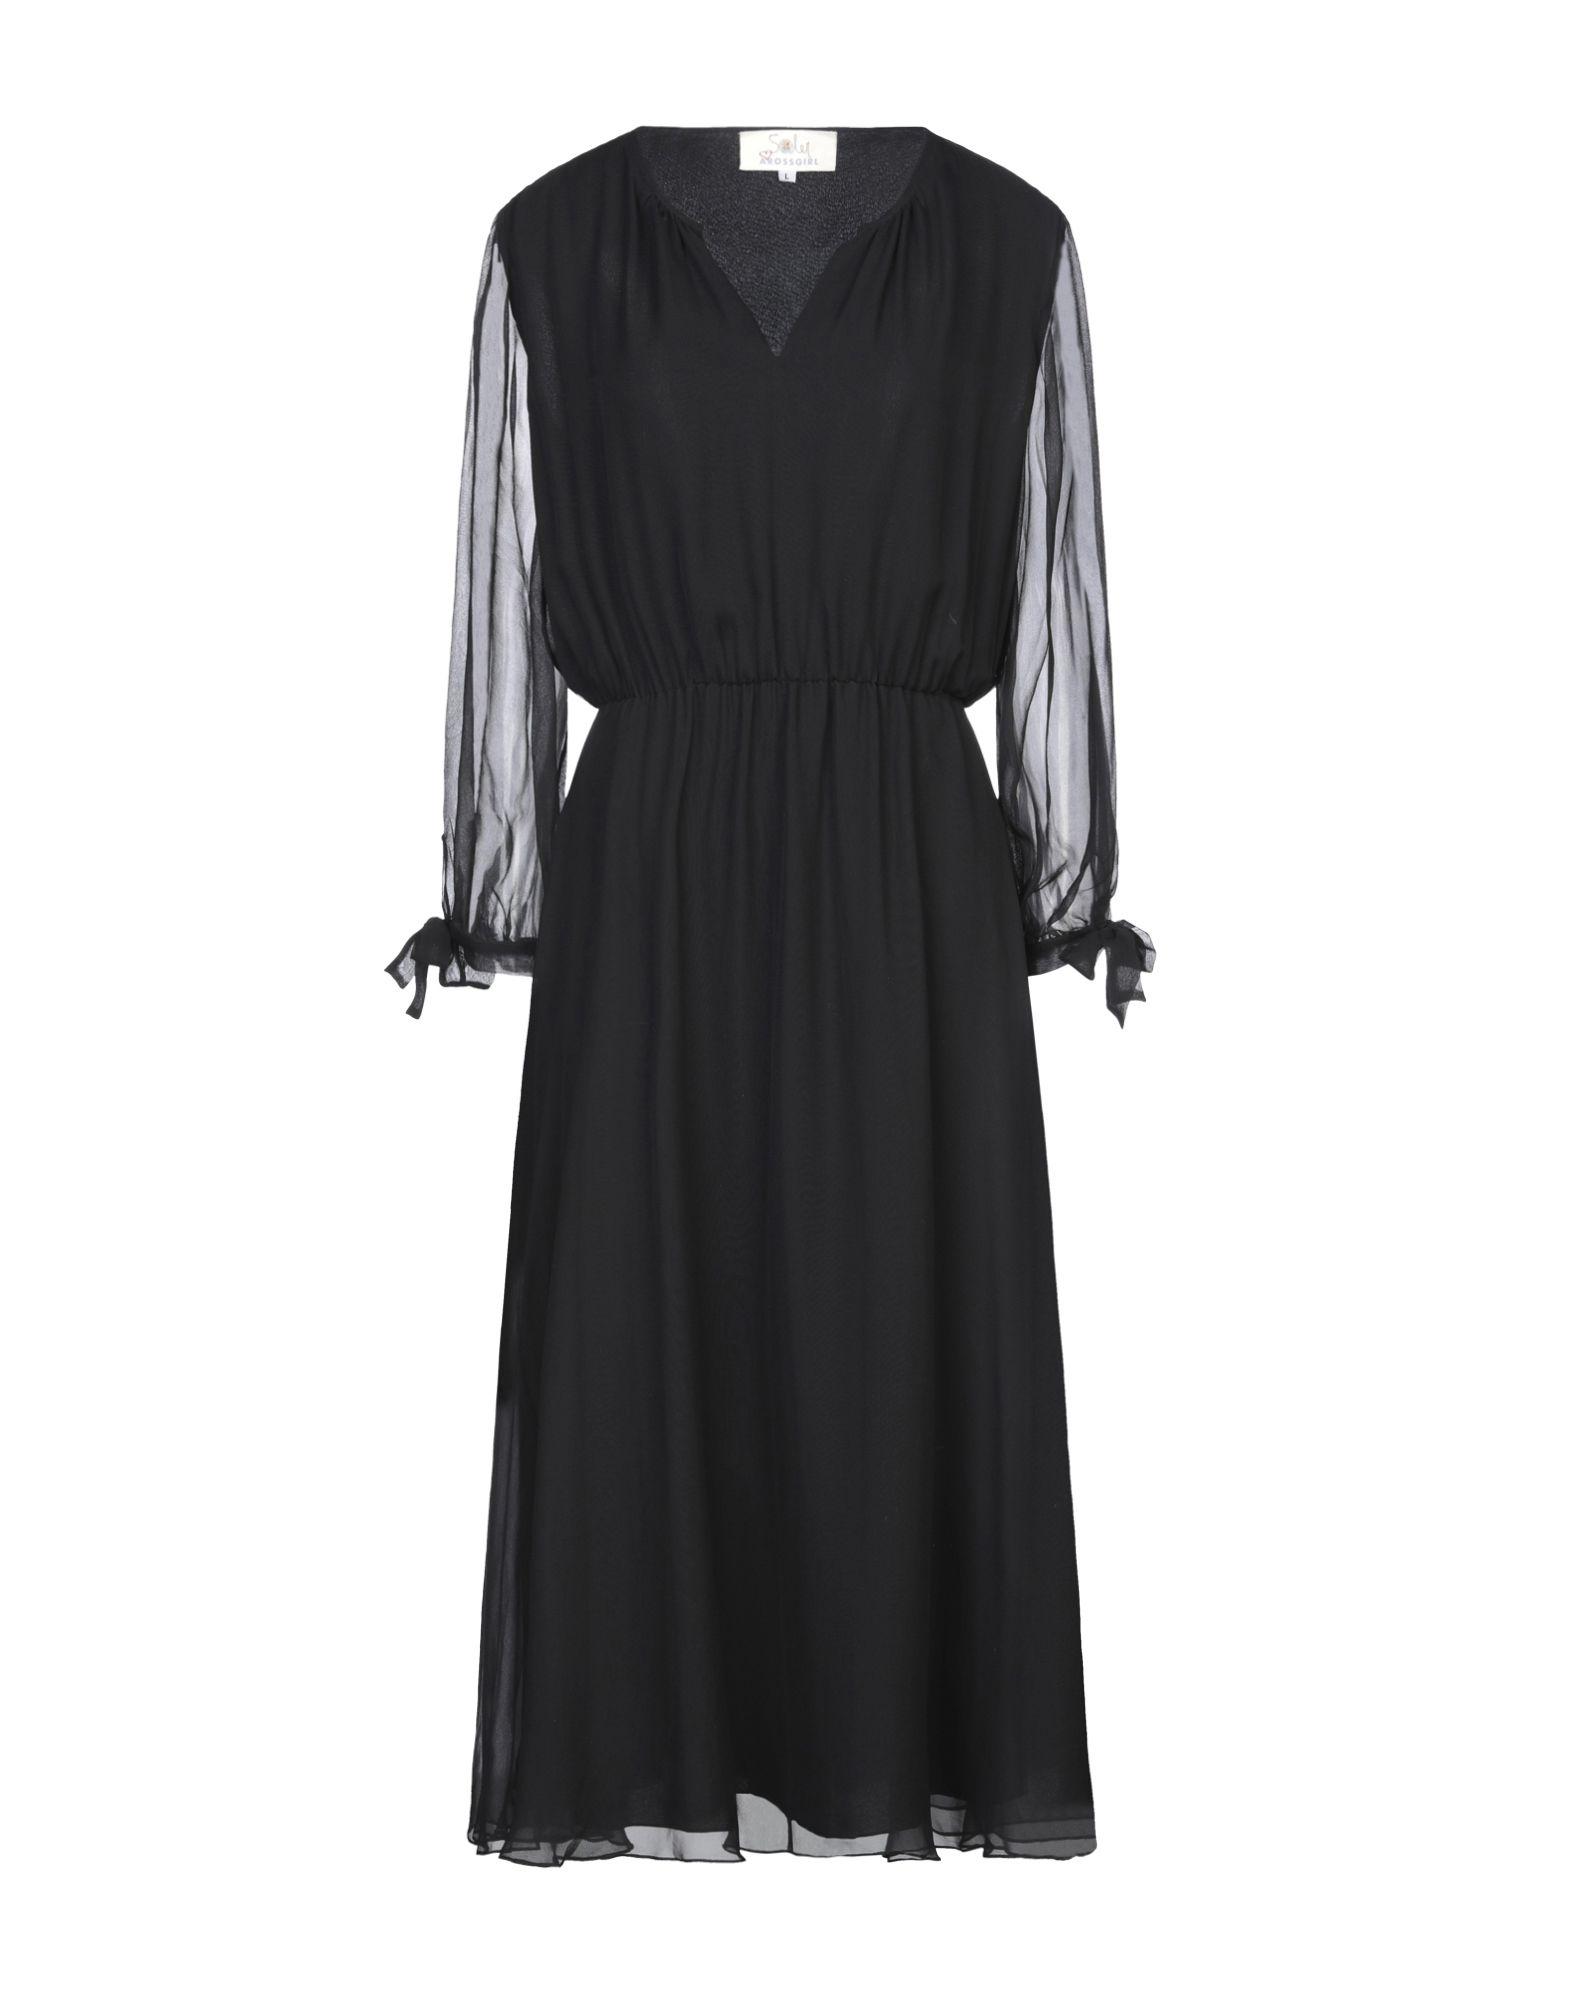 AROSSGIRL x SOLER Платье длиной 3/4